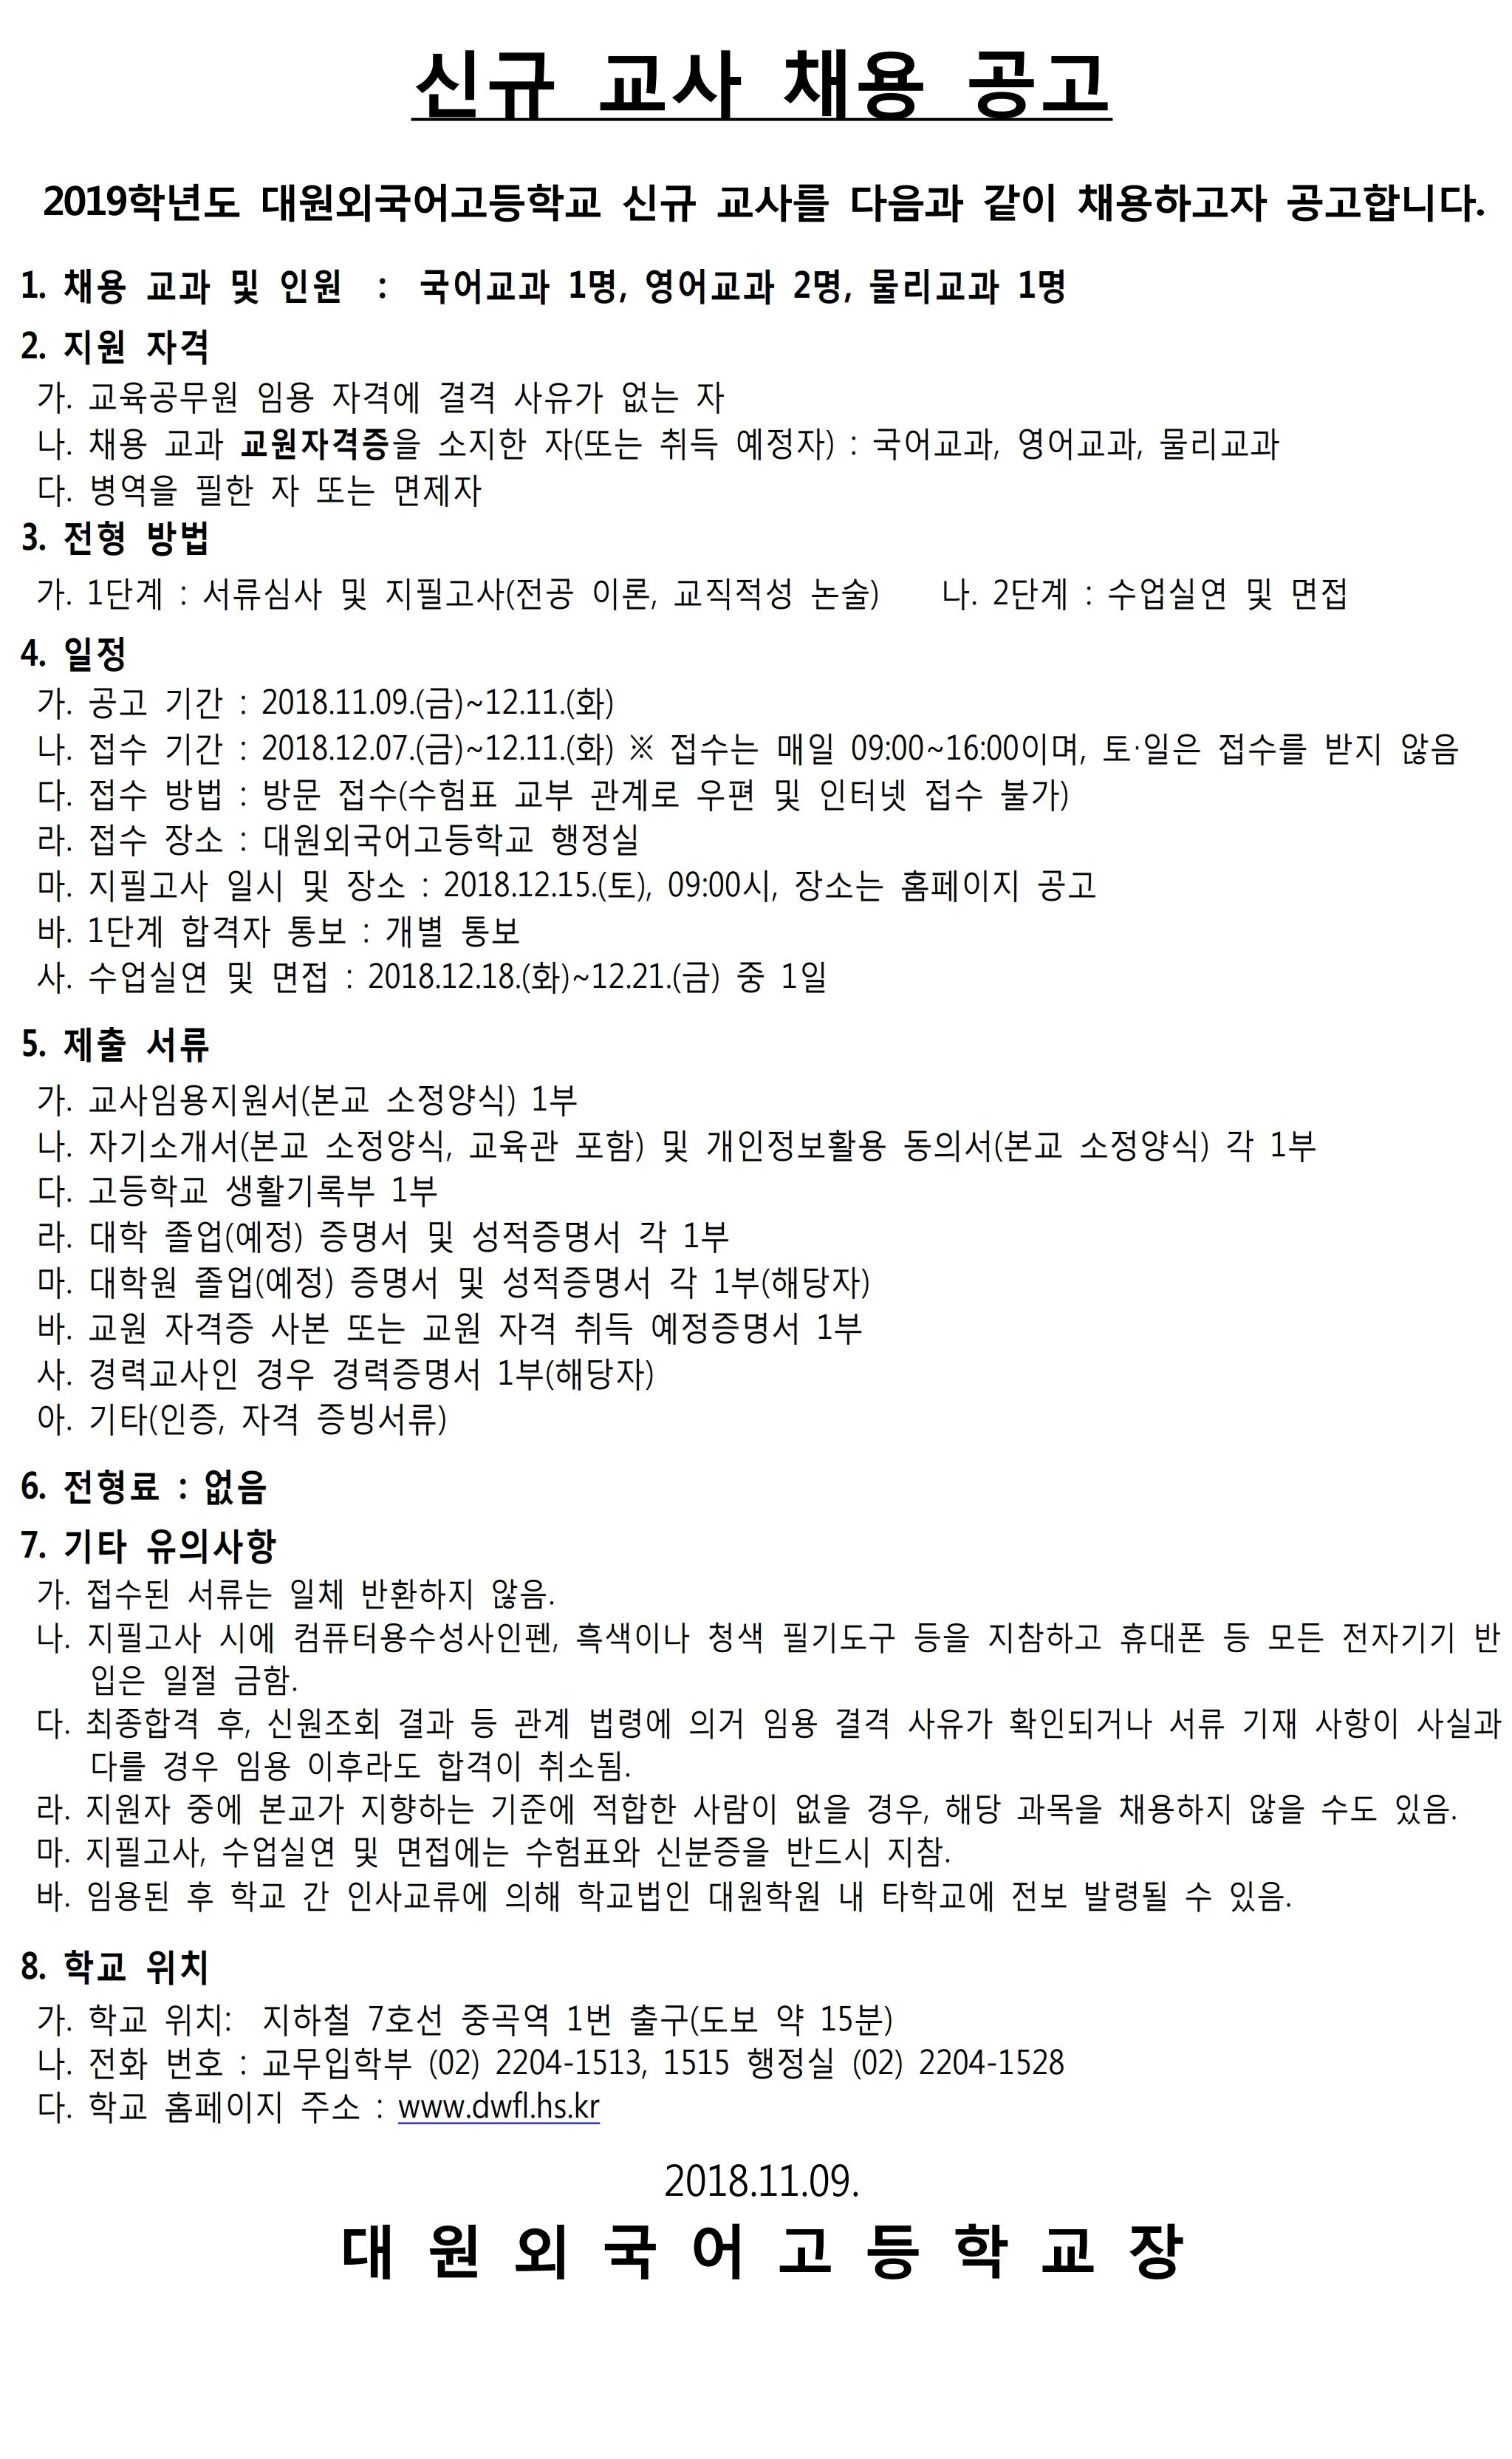 2019학년도 대원외고 신규교사 채용 공고문